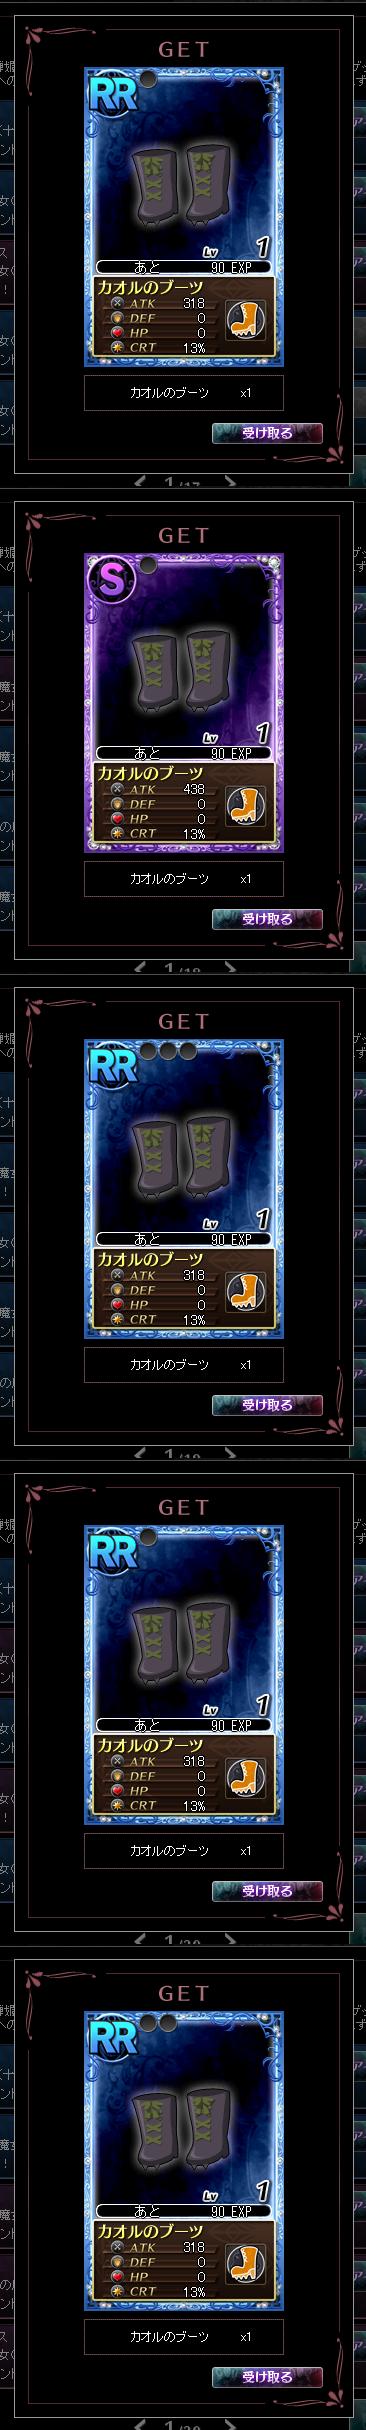 2013/10/12 カオルのブーツ1